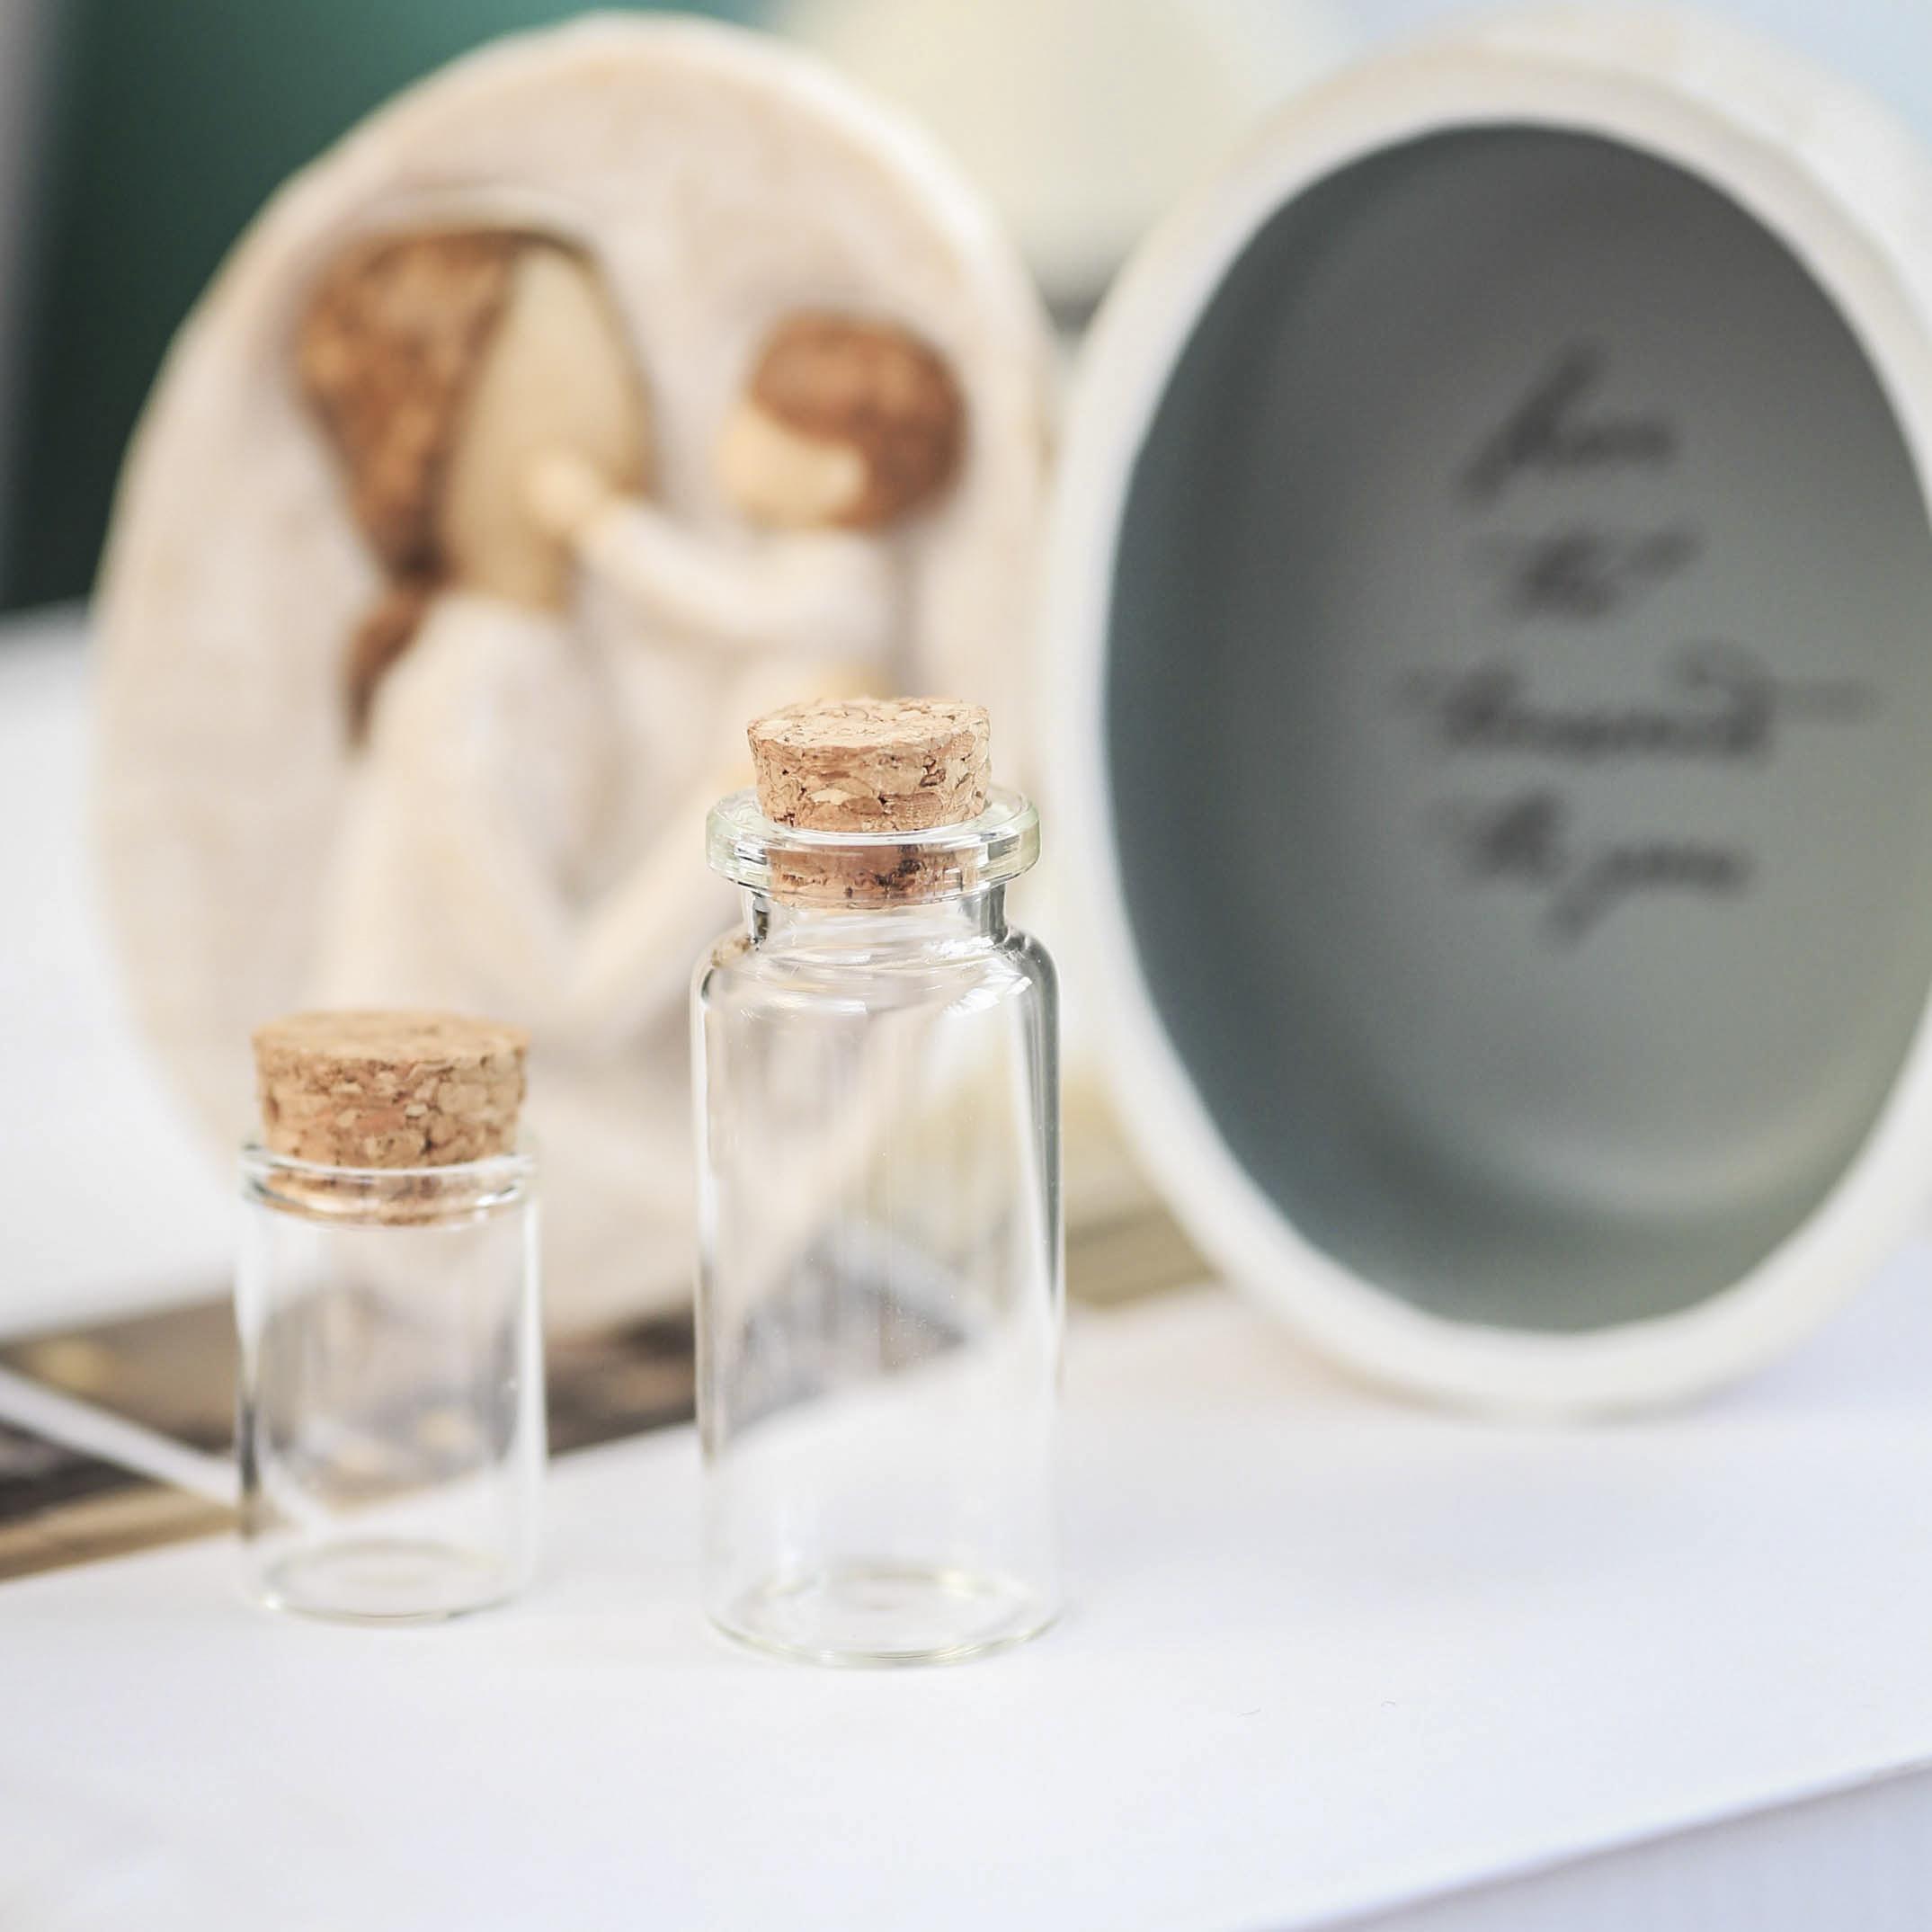 宝宝胎发纪念品diy胎毛保存瓶婴儿脐带收藏盒乳牙收纳盒子willow Изображение 1